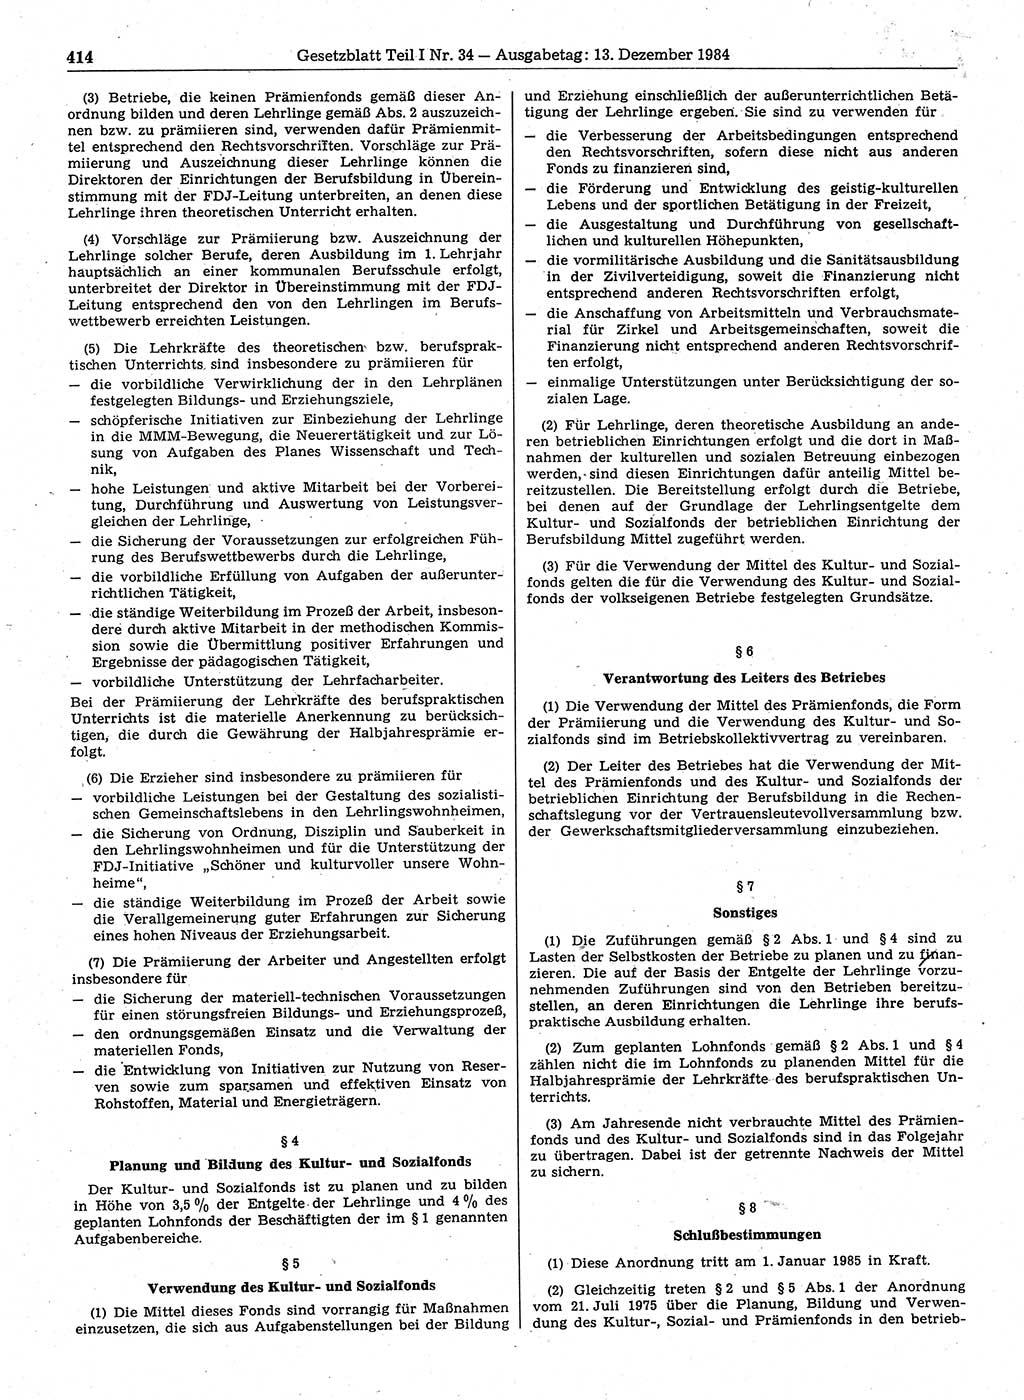 Gesetzblatt (GBl.) DDR Teil Ⅰ 1984, S. 414; Gesetzblatt ...